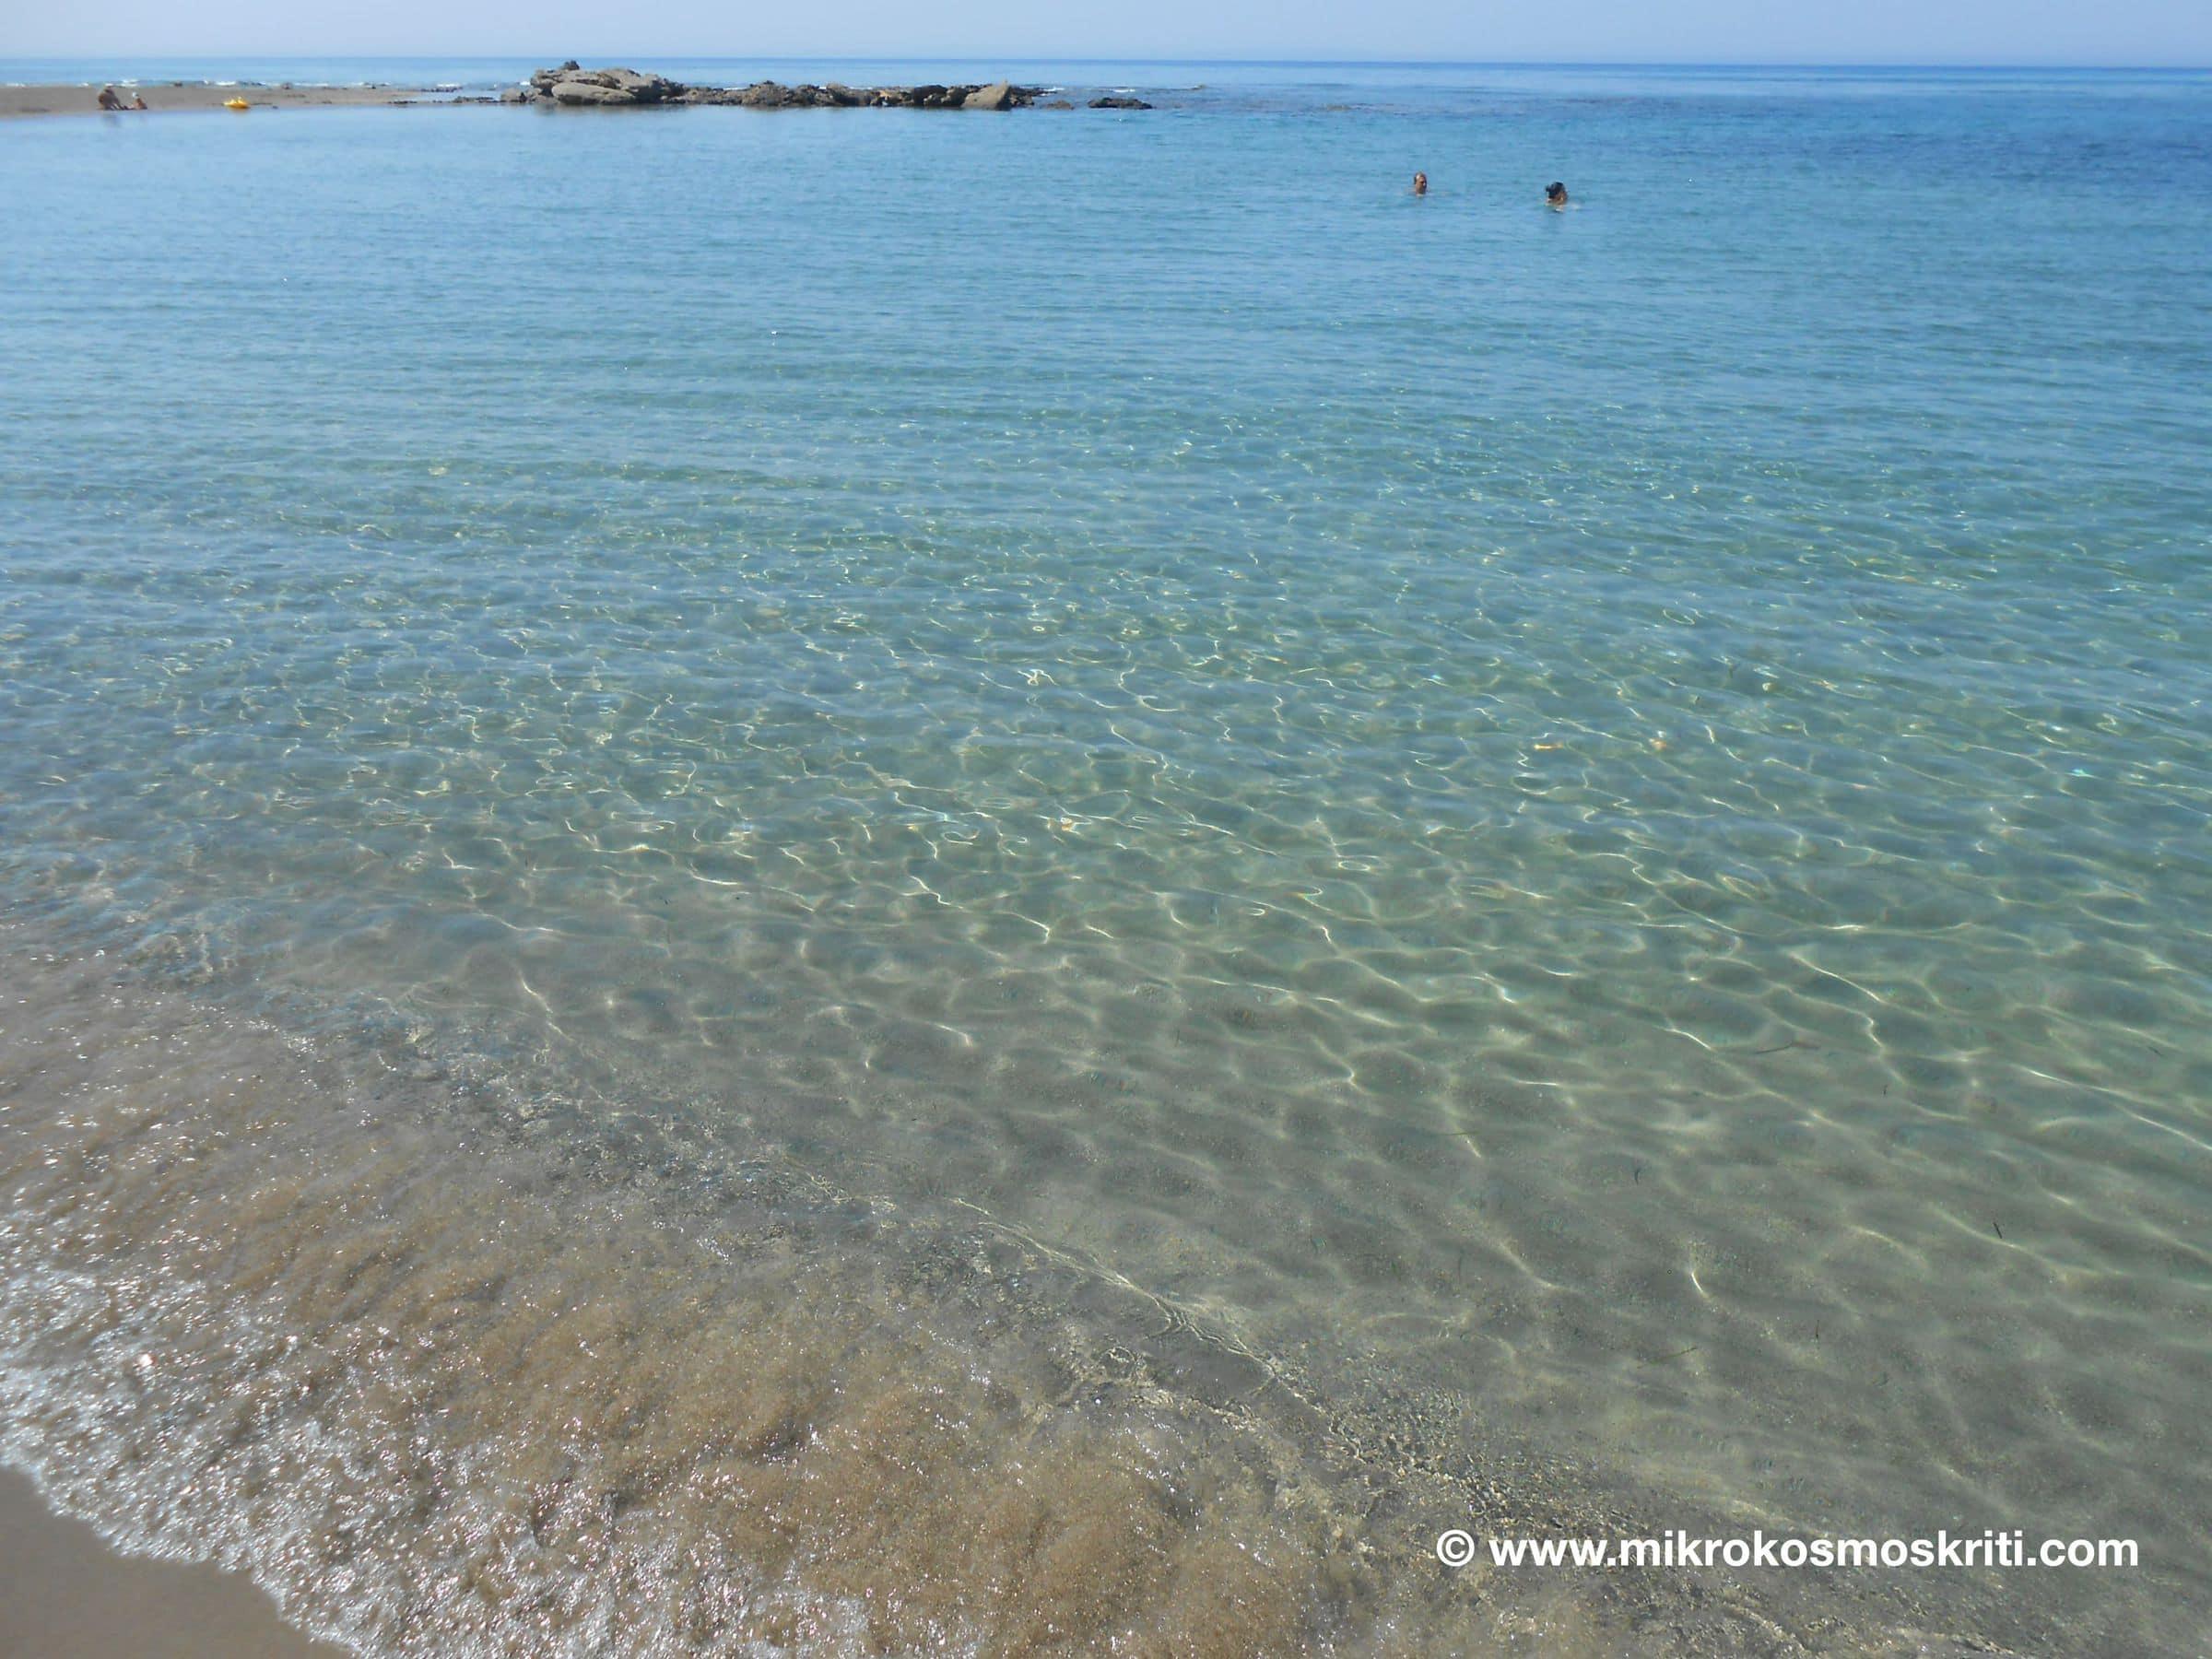 Spiaggia 1 rid